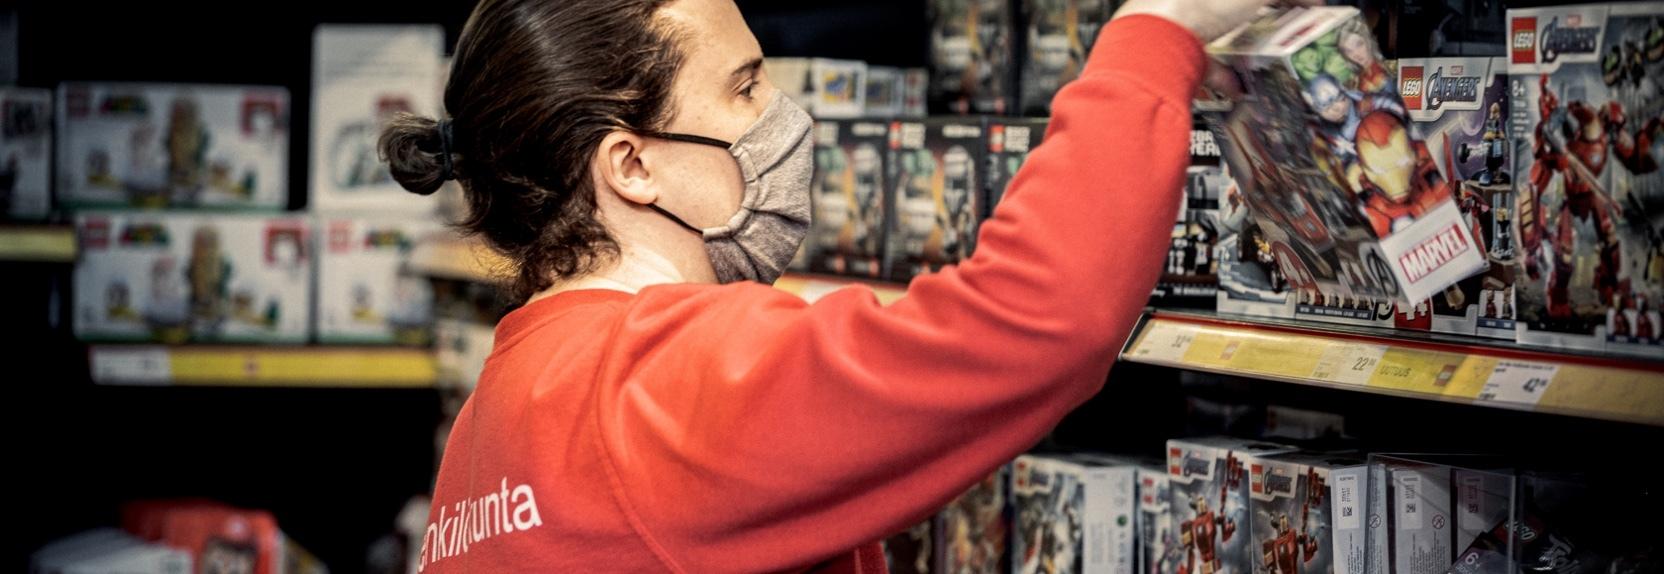 Tuomo Ranto perusti Lego-kaupan